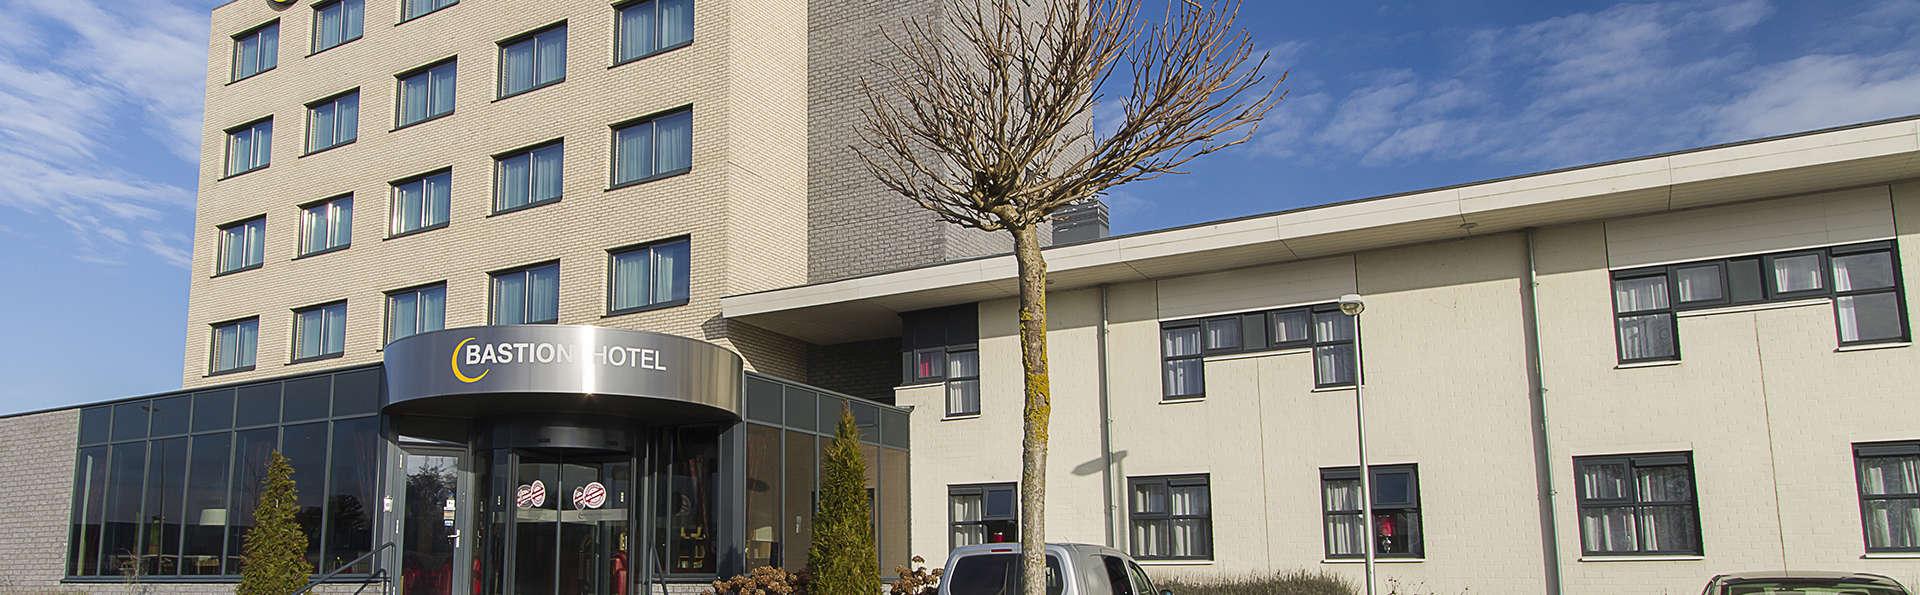 Bastion Hotel Groningen - EDIT_front.jpg